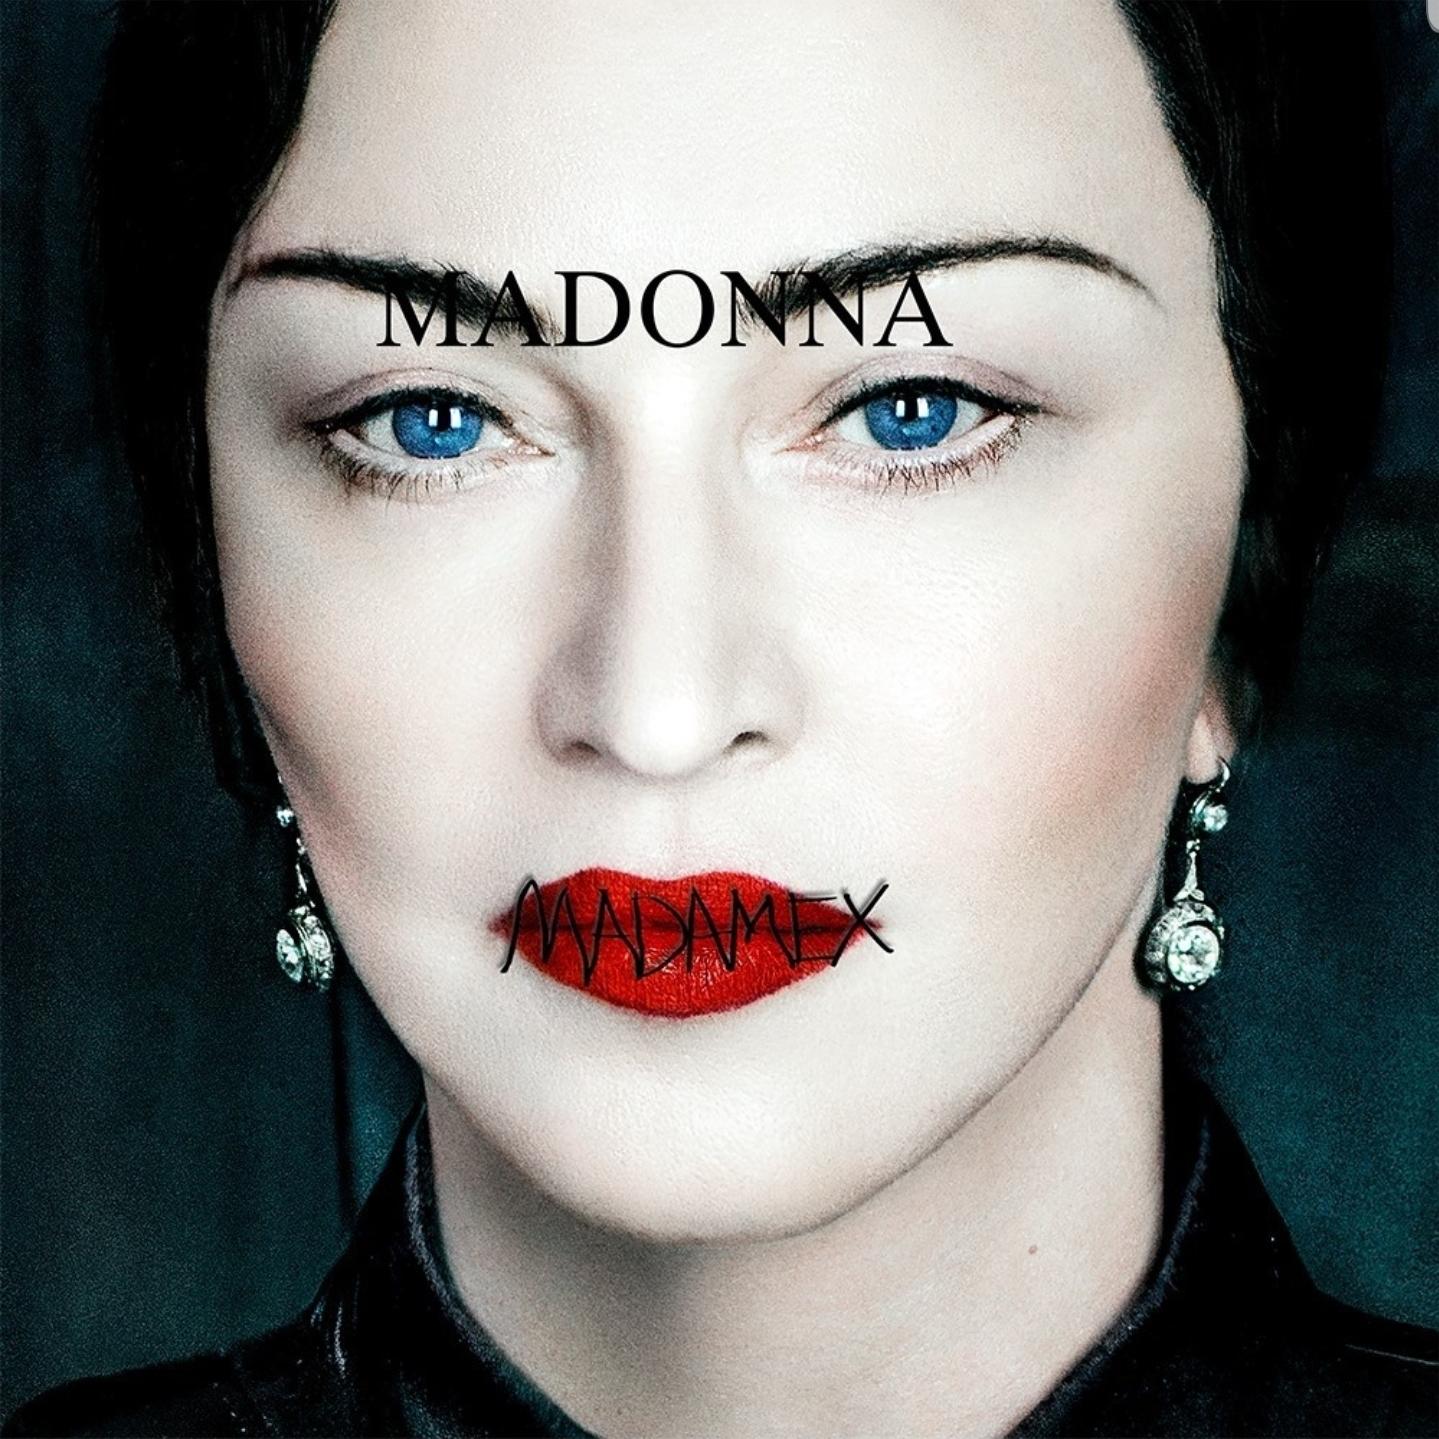 Madonna's 'Madame X' (2019) Album Artwork